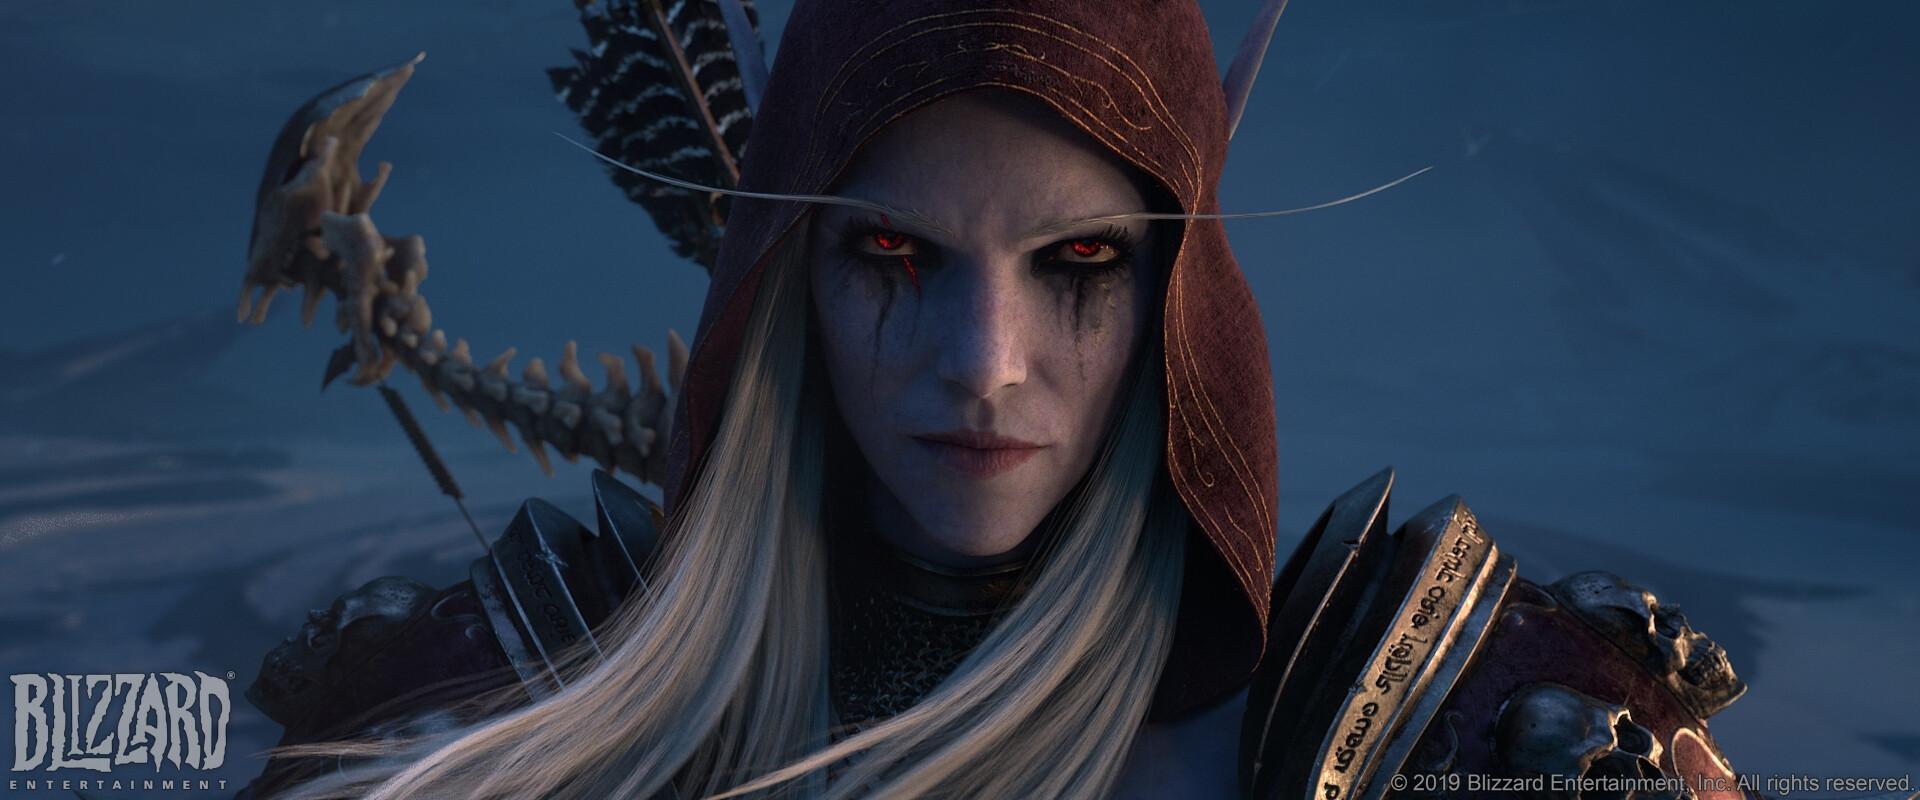 Artes oficiales de Blizzard, Cinemáticas y otros medios para BlizzCon 2019